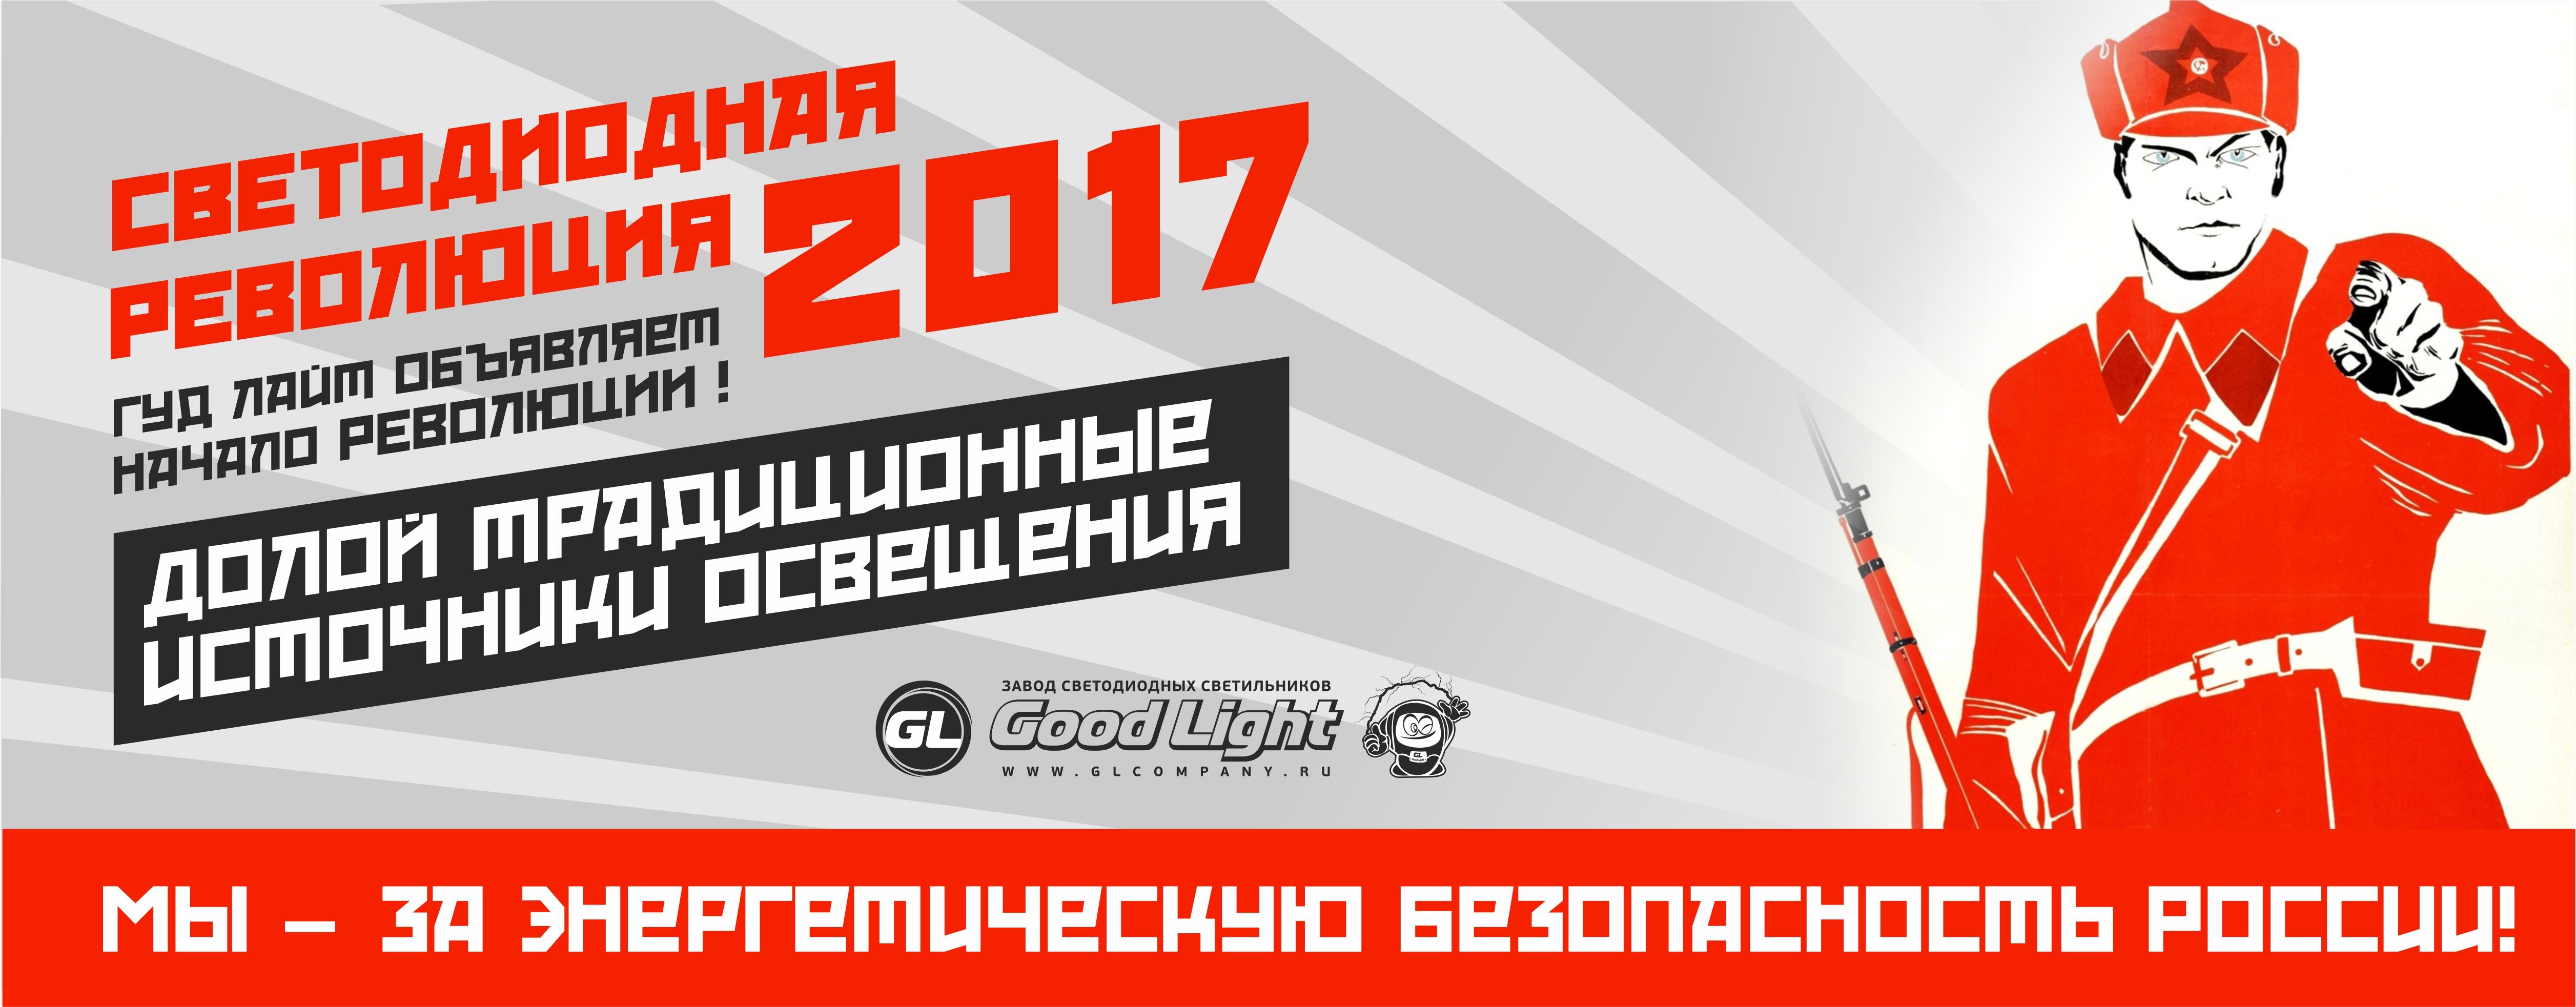 svetodiodnaya_revolyciya